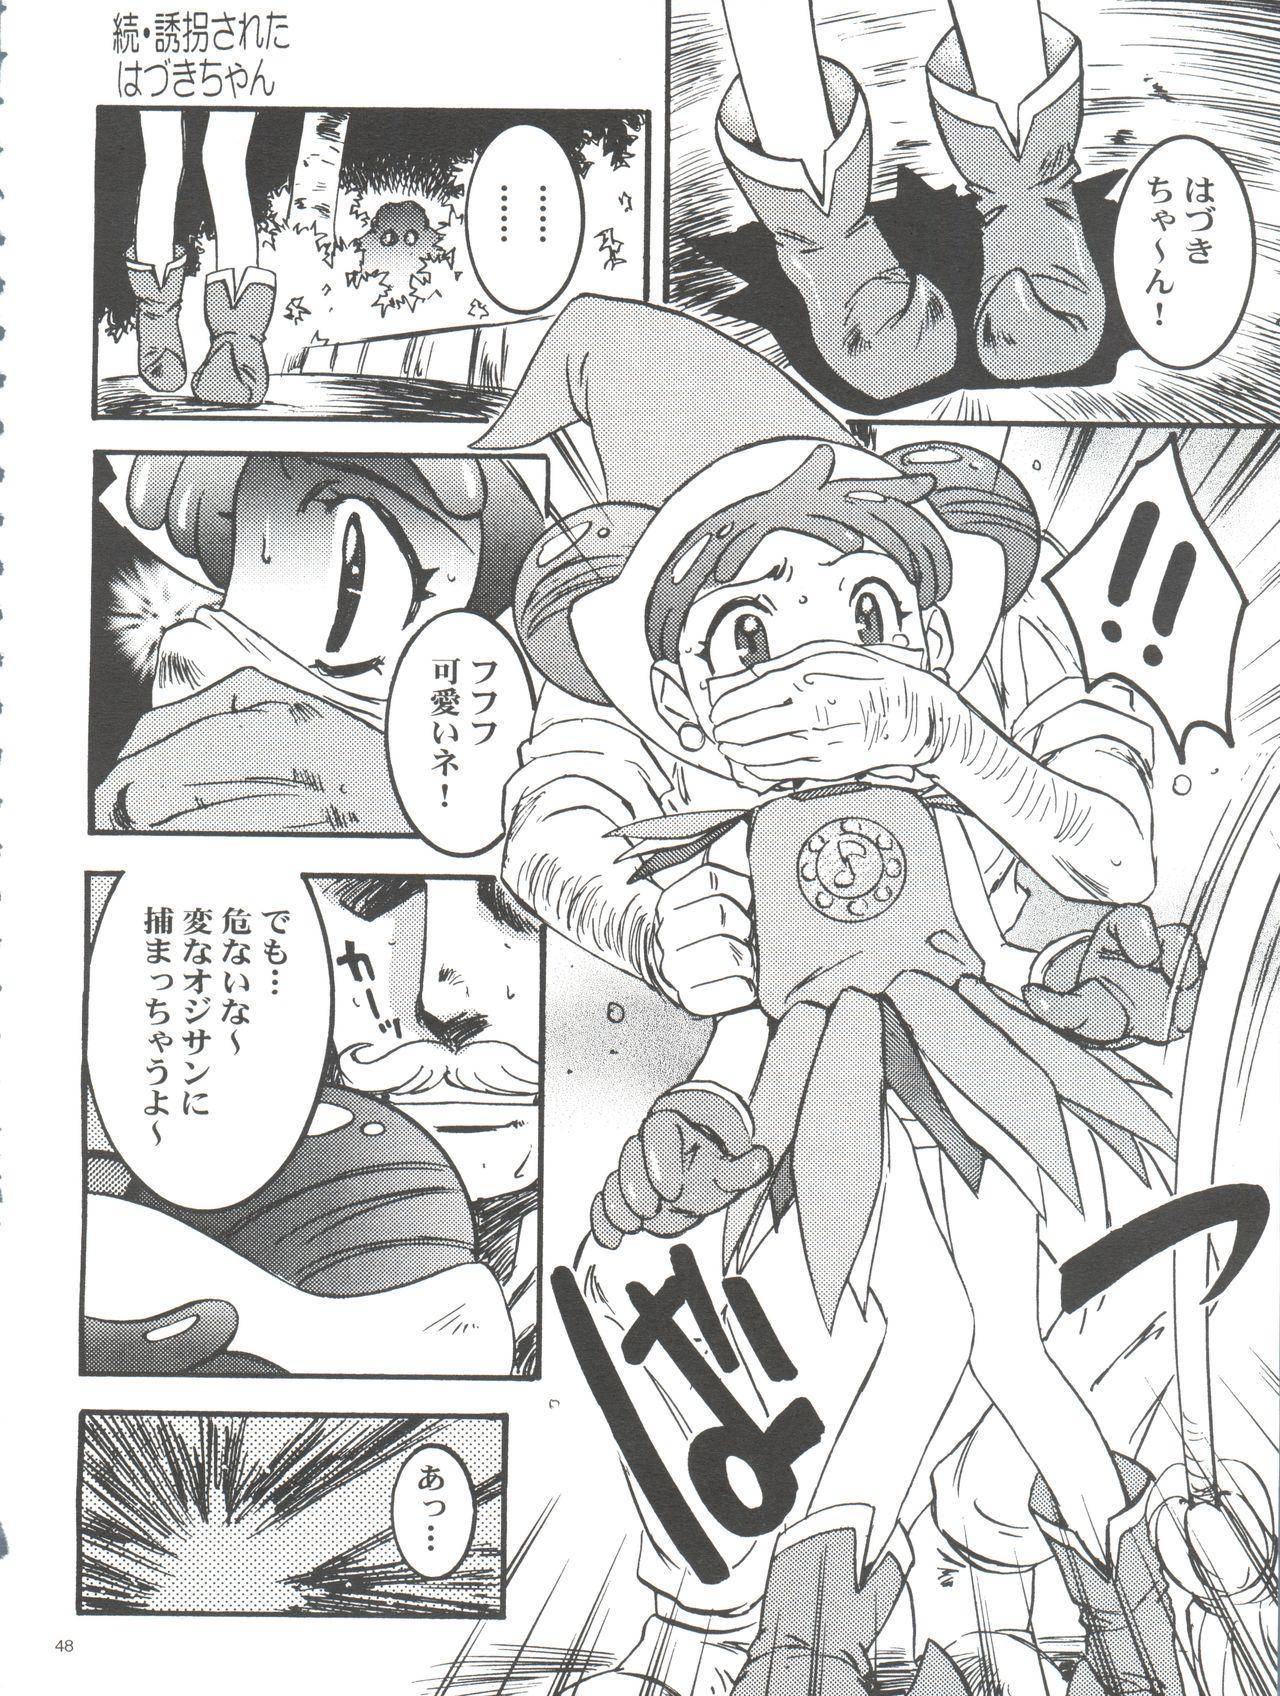 Wanpaku Anime Daihyakka Nanno Koto Jisensyuu Vol. 1 49